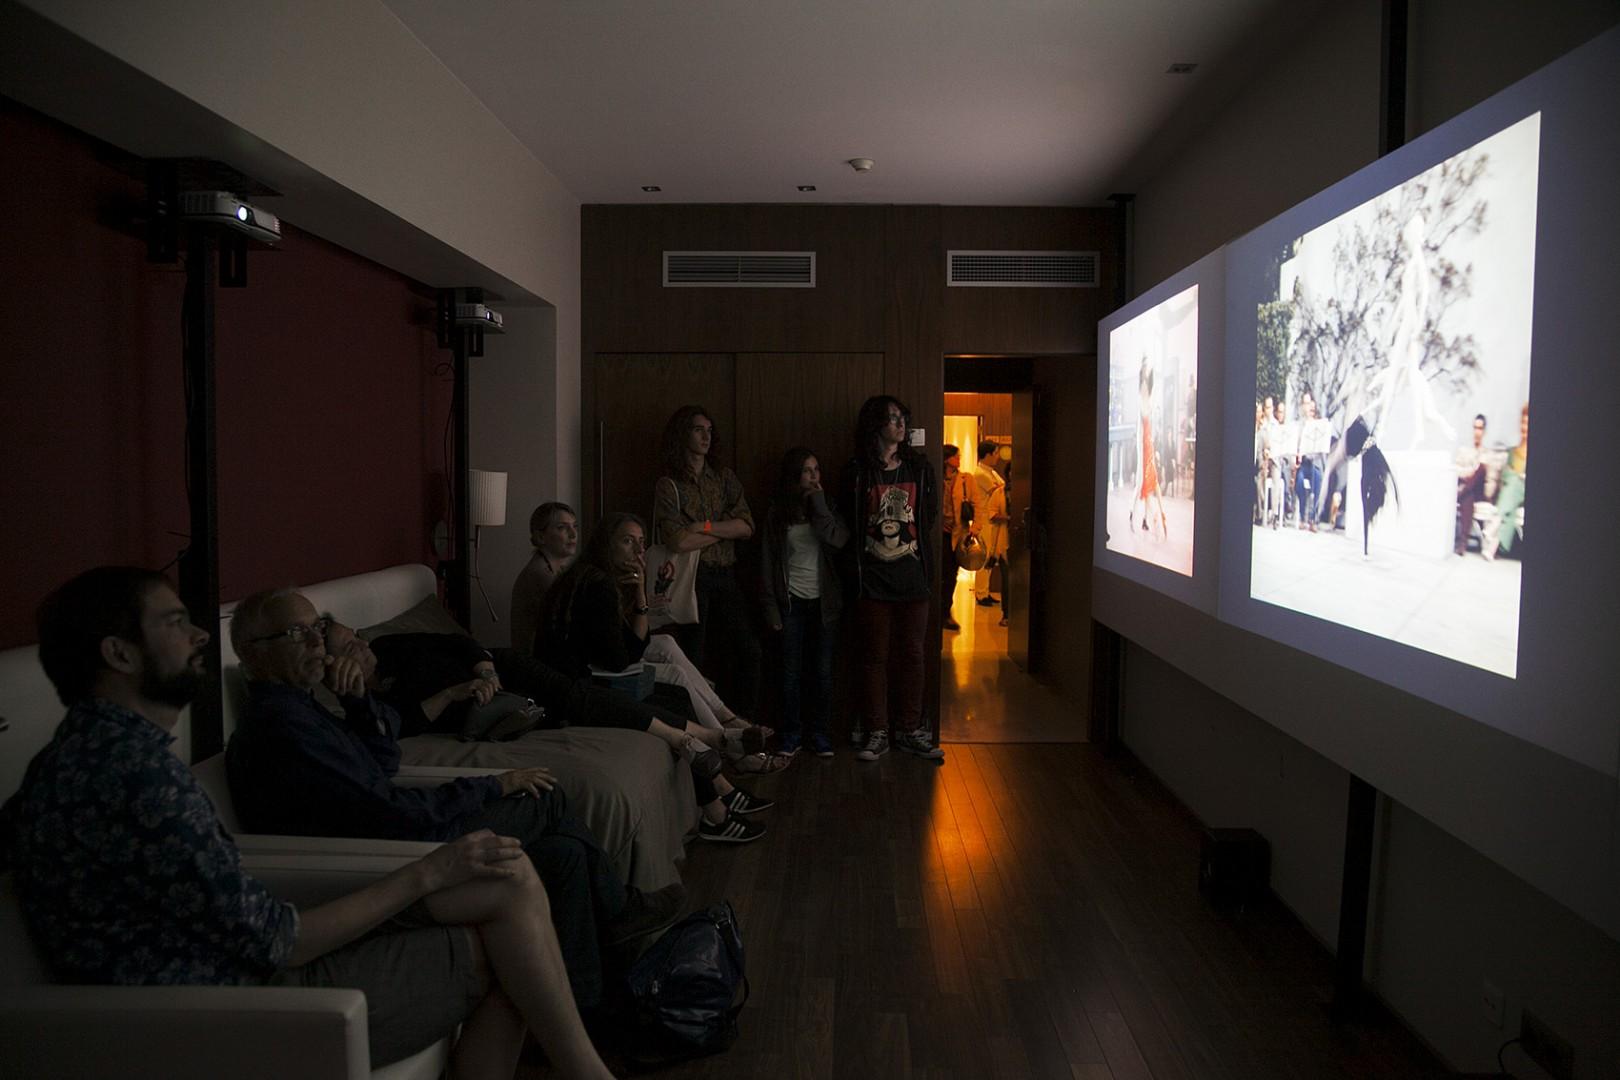 hoteles galería de arte Loop2 _®Carlos Collado